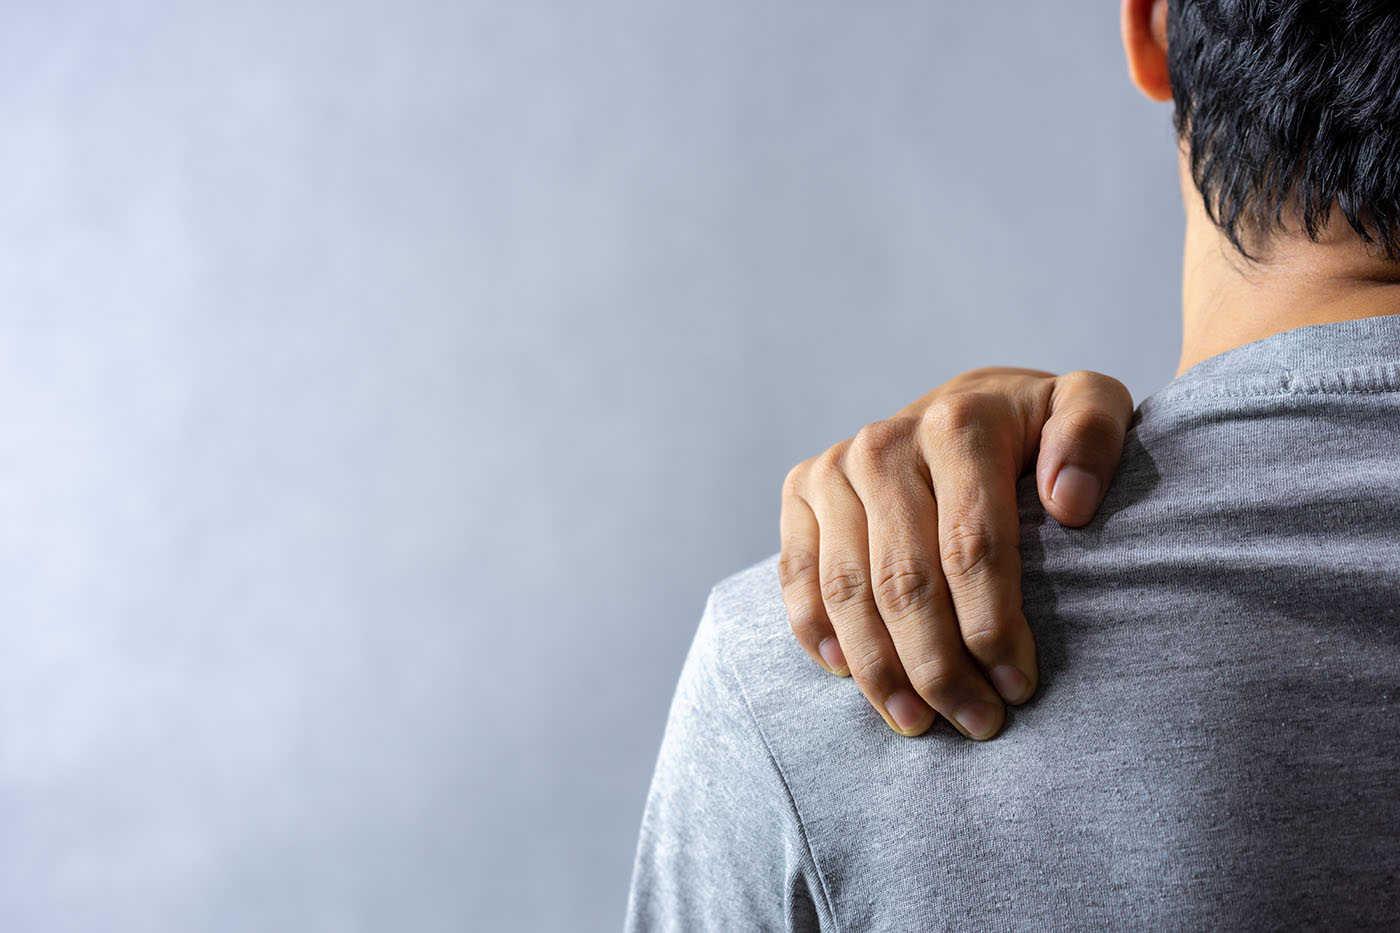 cauza durerii în articulația umărului mâinii drepte durere în articulația mâinii stângi în umăr